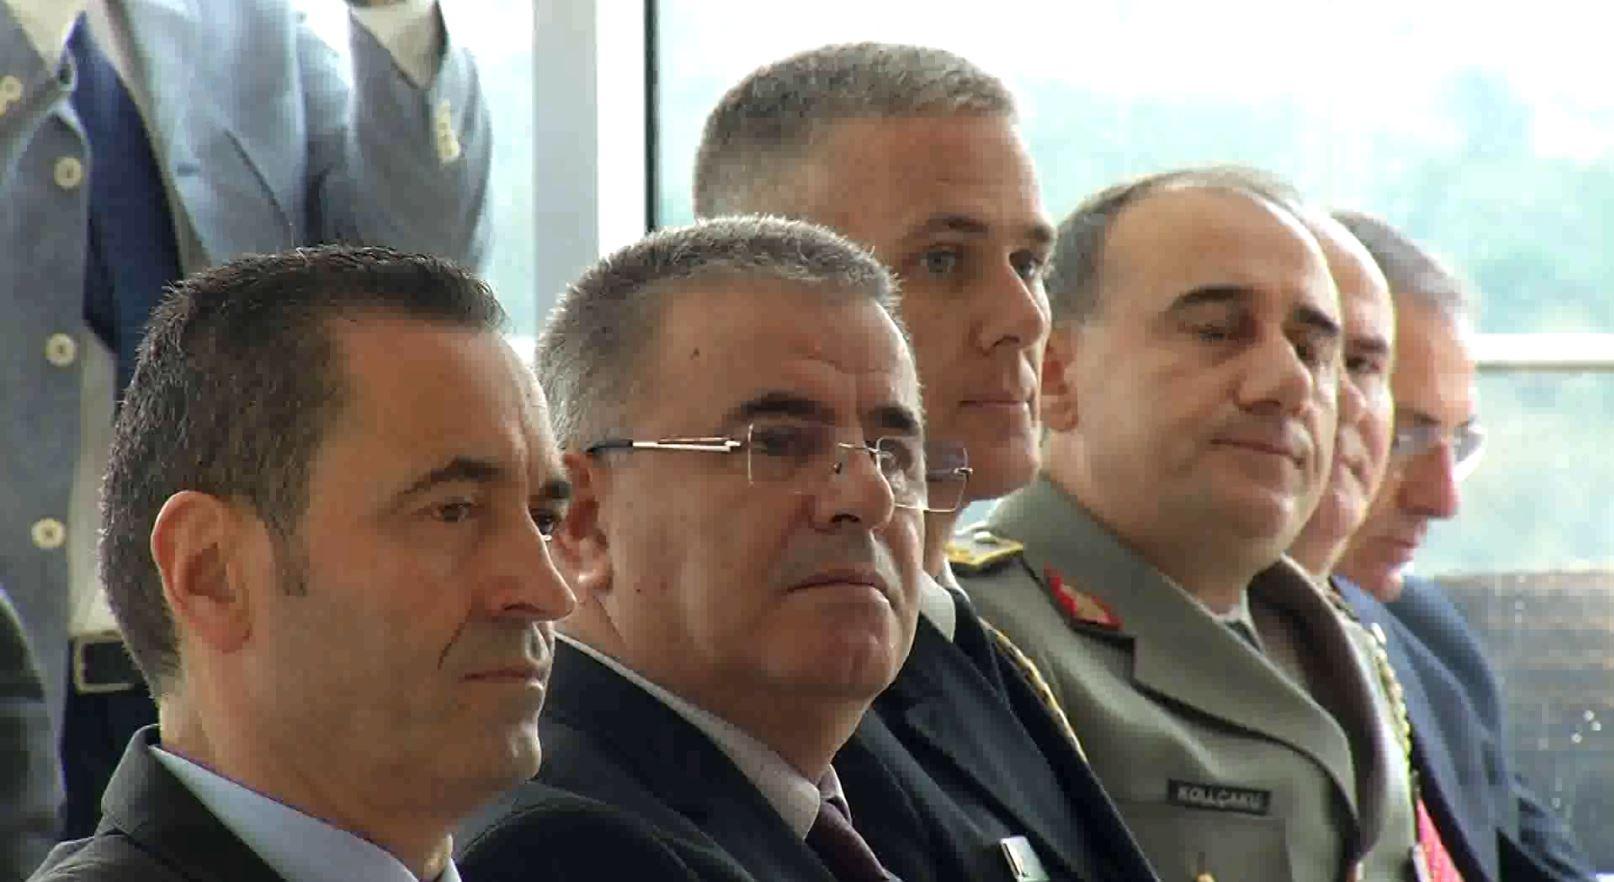 Politikës shqiptare i dërgohen mesazhe në shqip dhe gjuhë të huaj: Dialogoni!